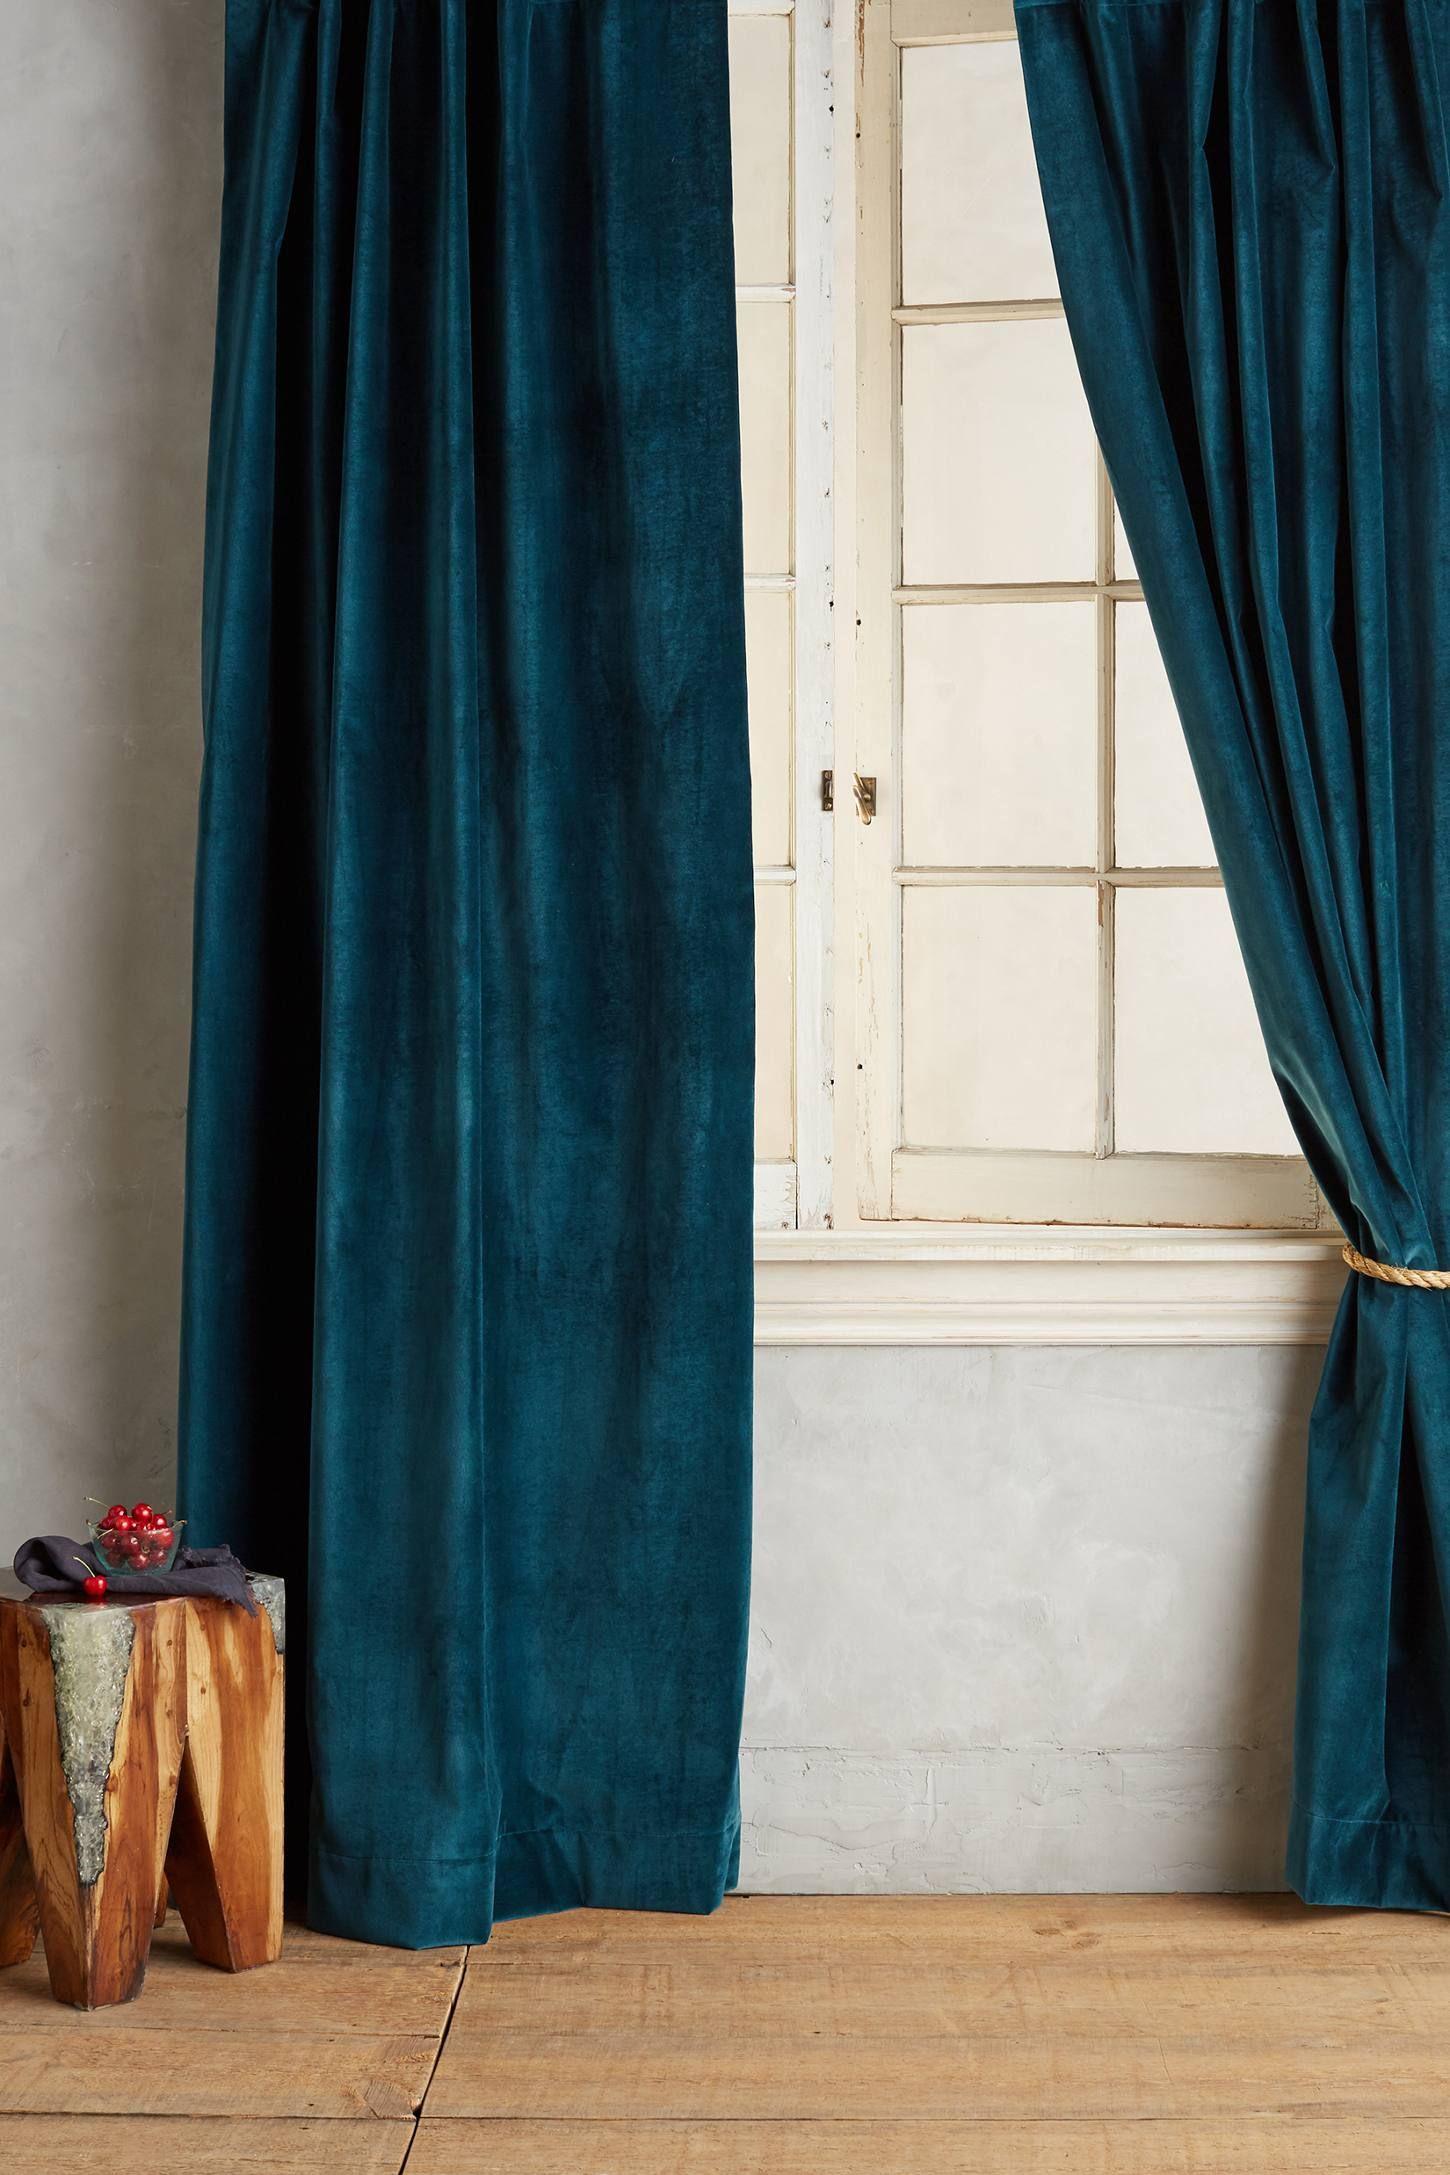 tendance velours 10 id es d co doux velours. Black Bedroom Furniture Sets. Home Design Ideas